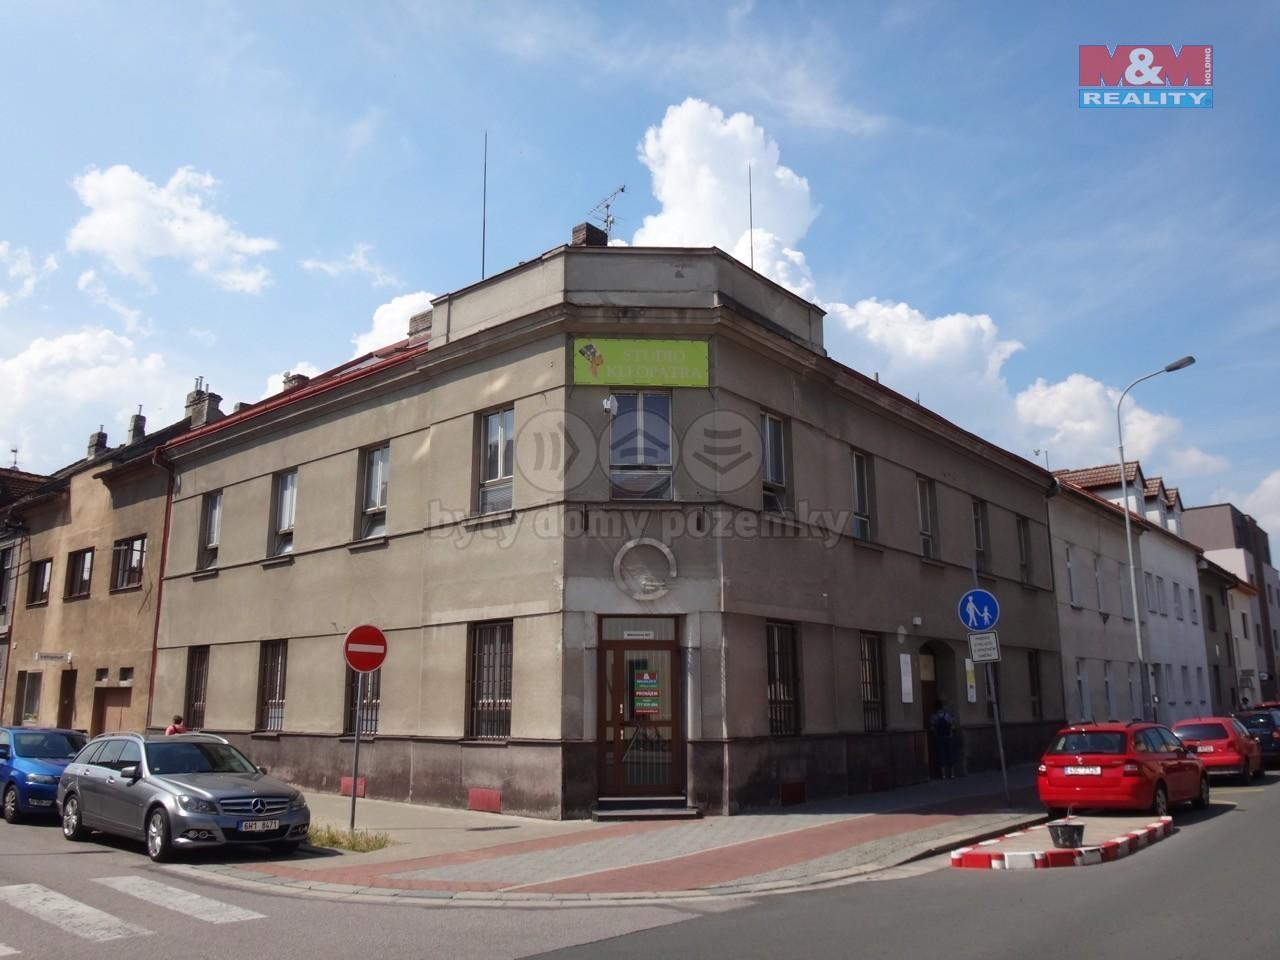 Prodej obchod a služby, 302 m², Pardubice, ul. Milheimova